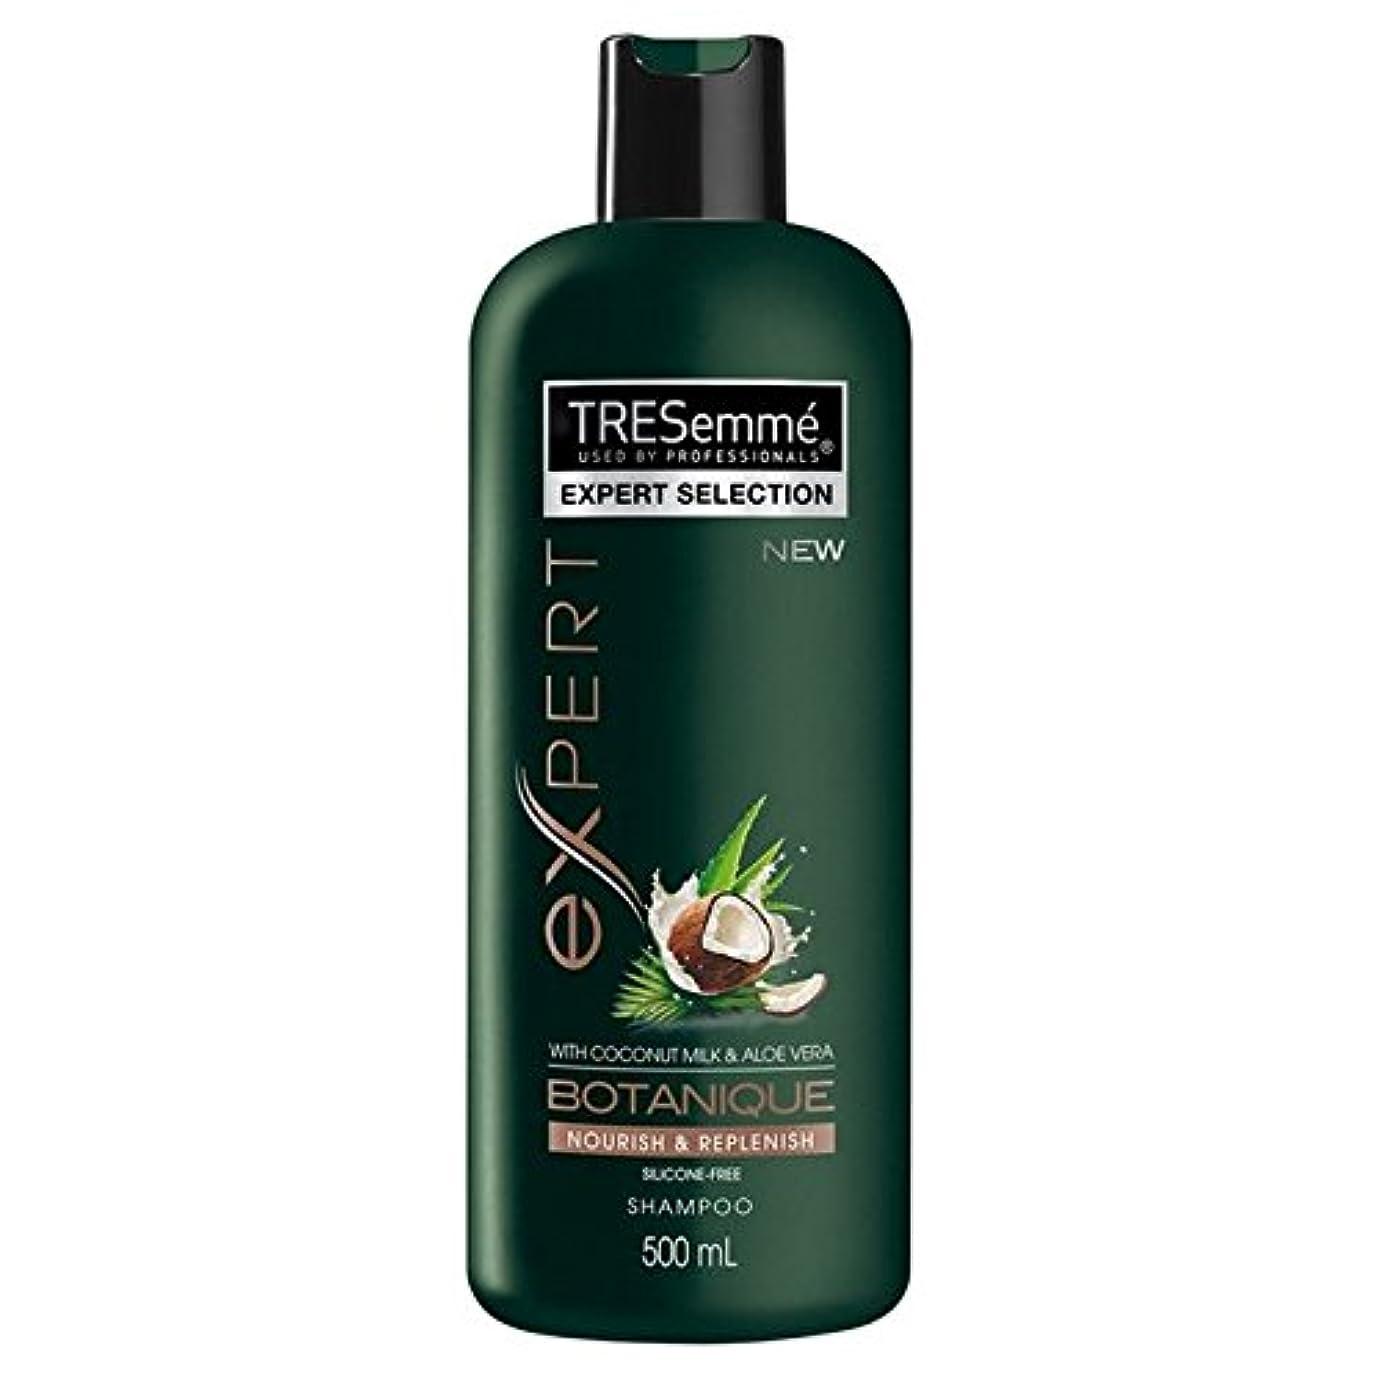 商標脆い狂乱のボタニックはシャンプー500ミリリットルを養う&補充します x4 - TRESemme Botanique Nourish & Replenish Shampoo 500ml (Pack of 4) [並行輸入品]